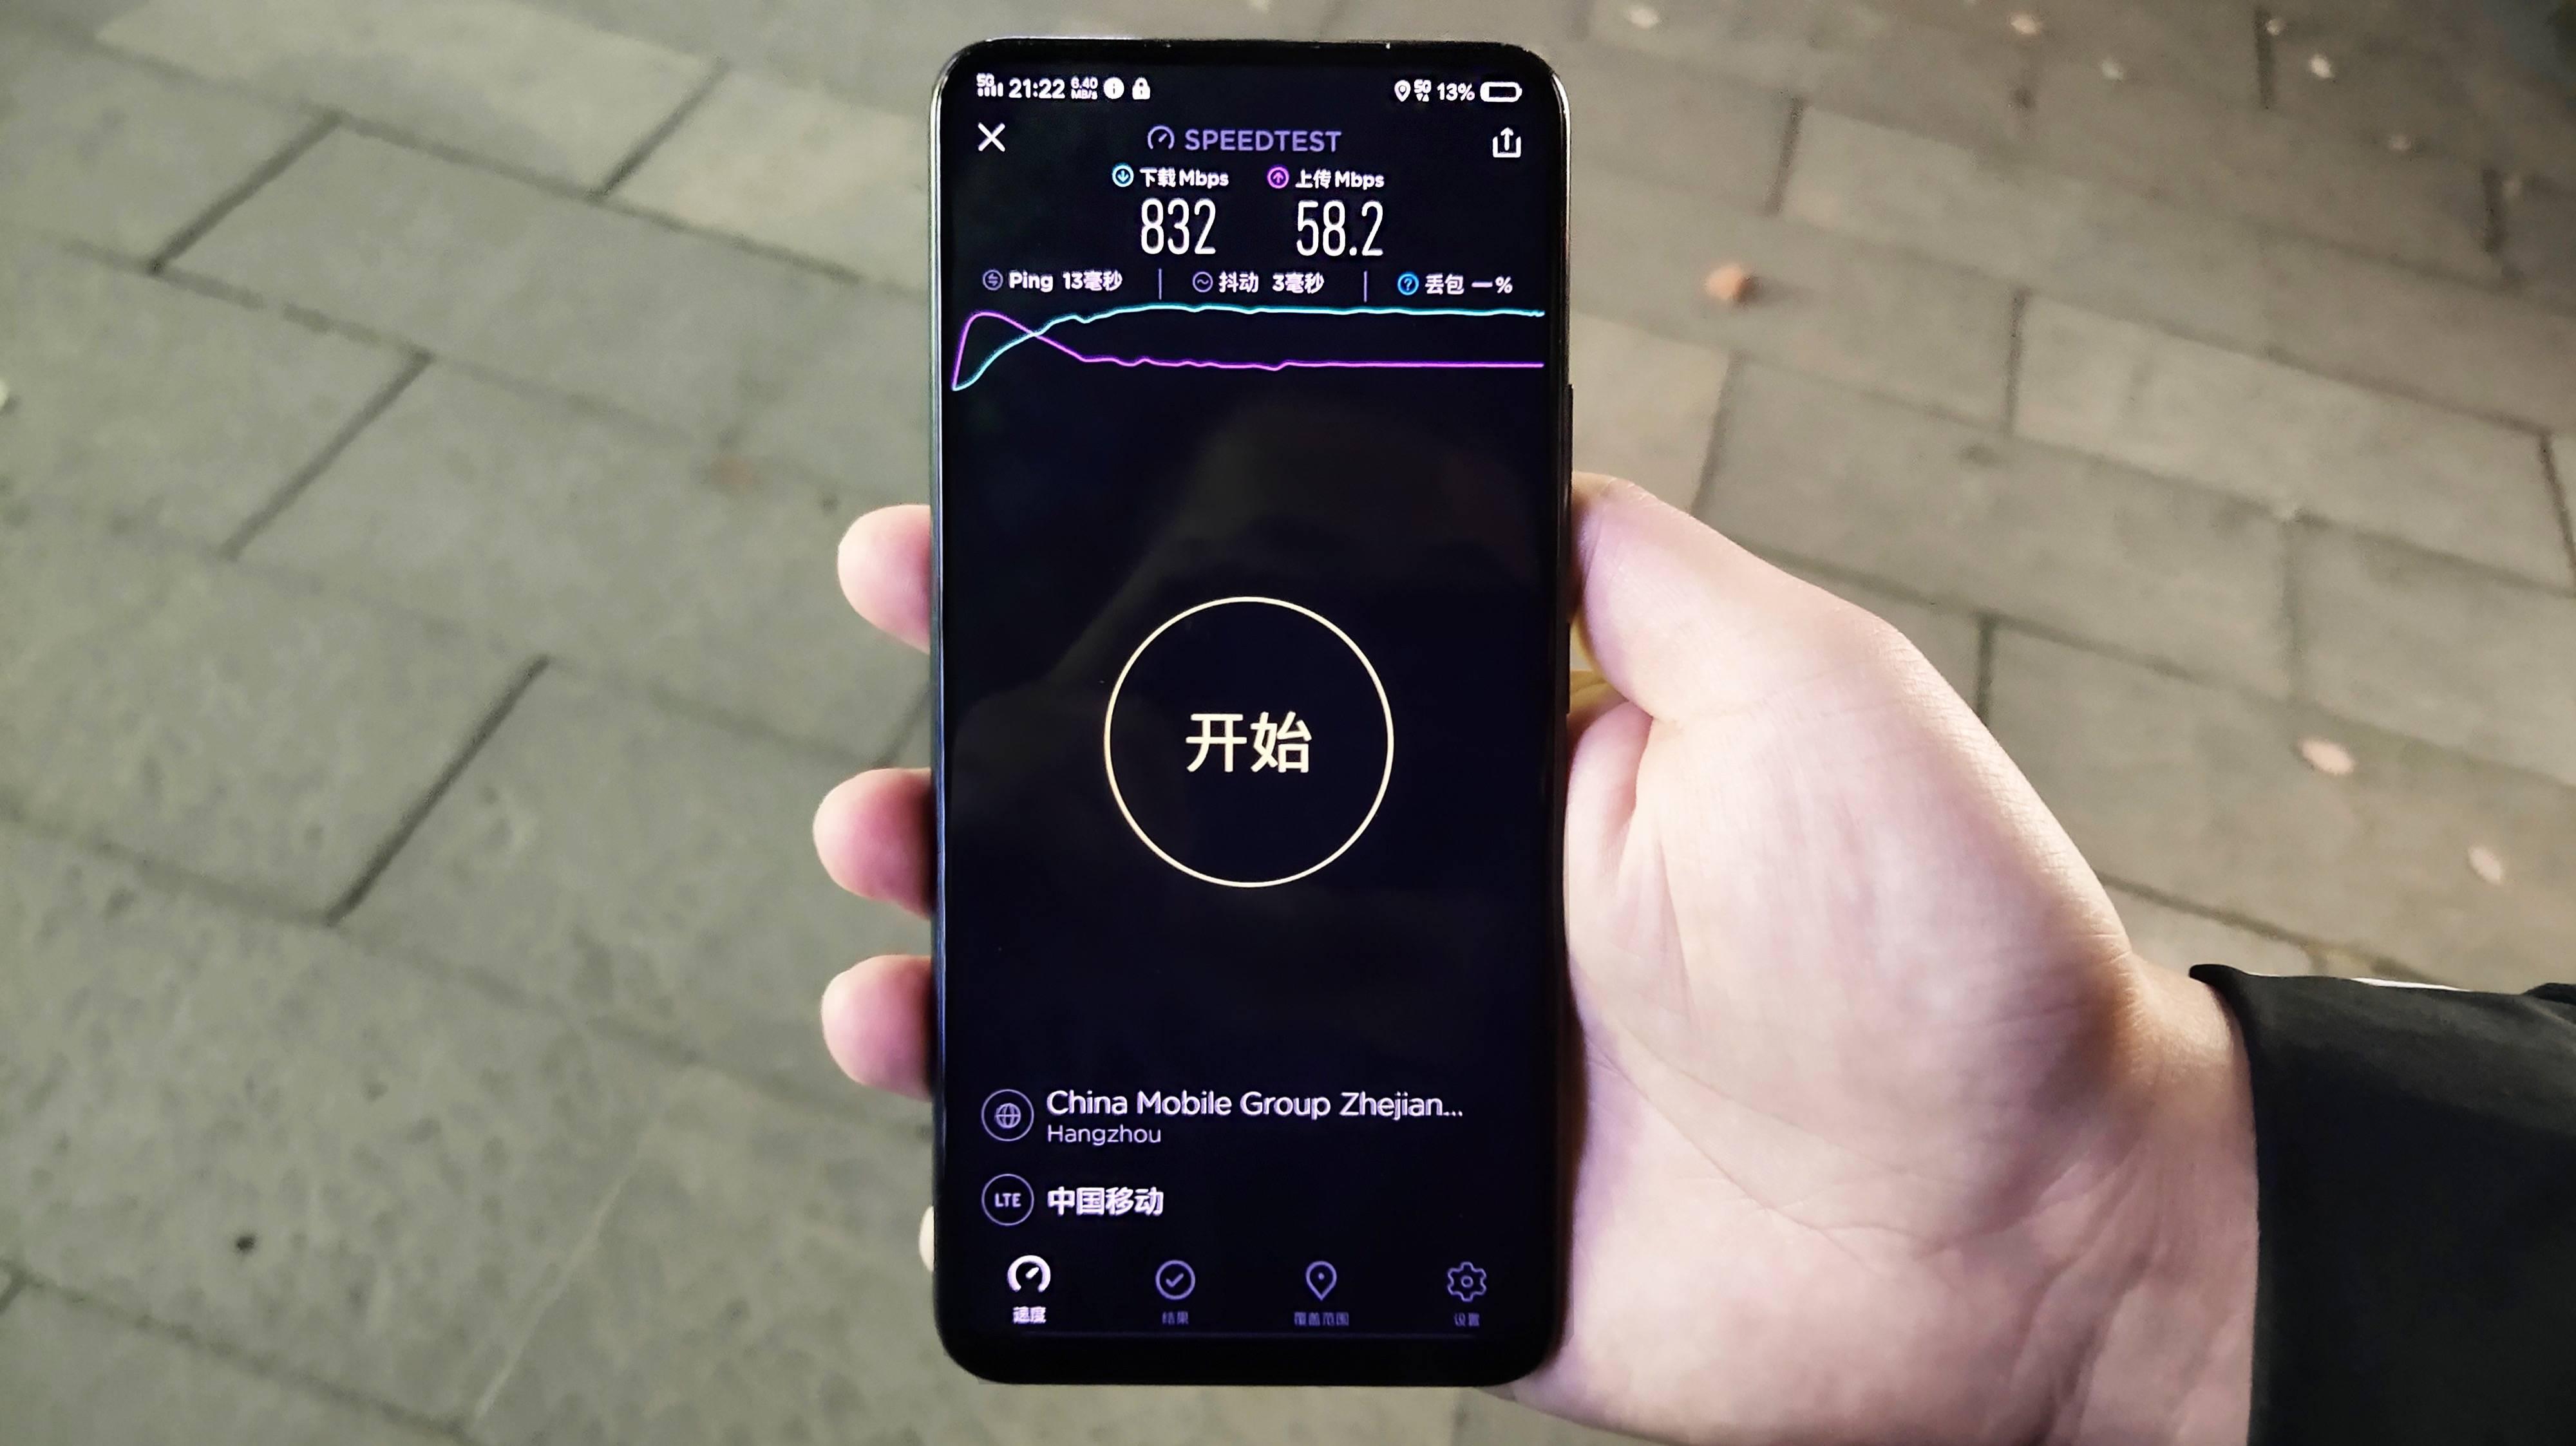 我体验了下 5G 手机,问了问 5G 距离普通人究竟还多远